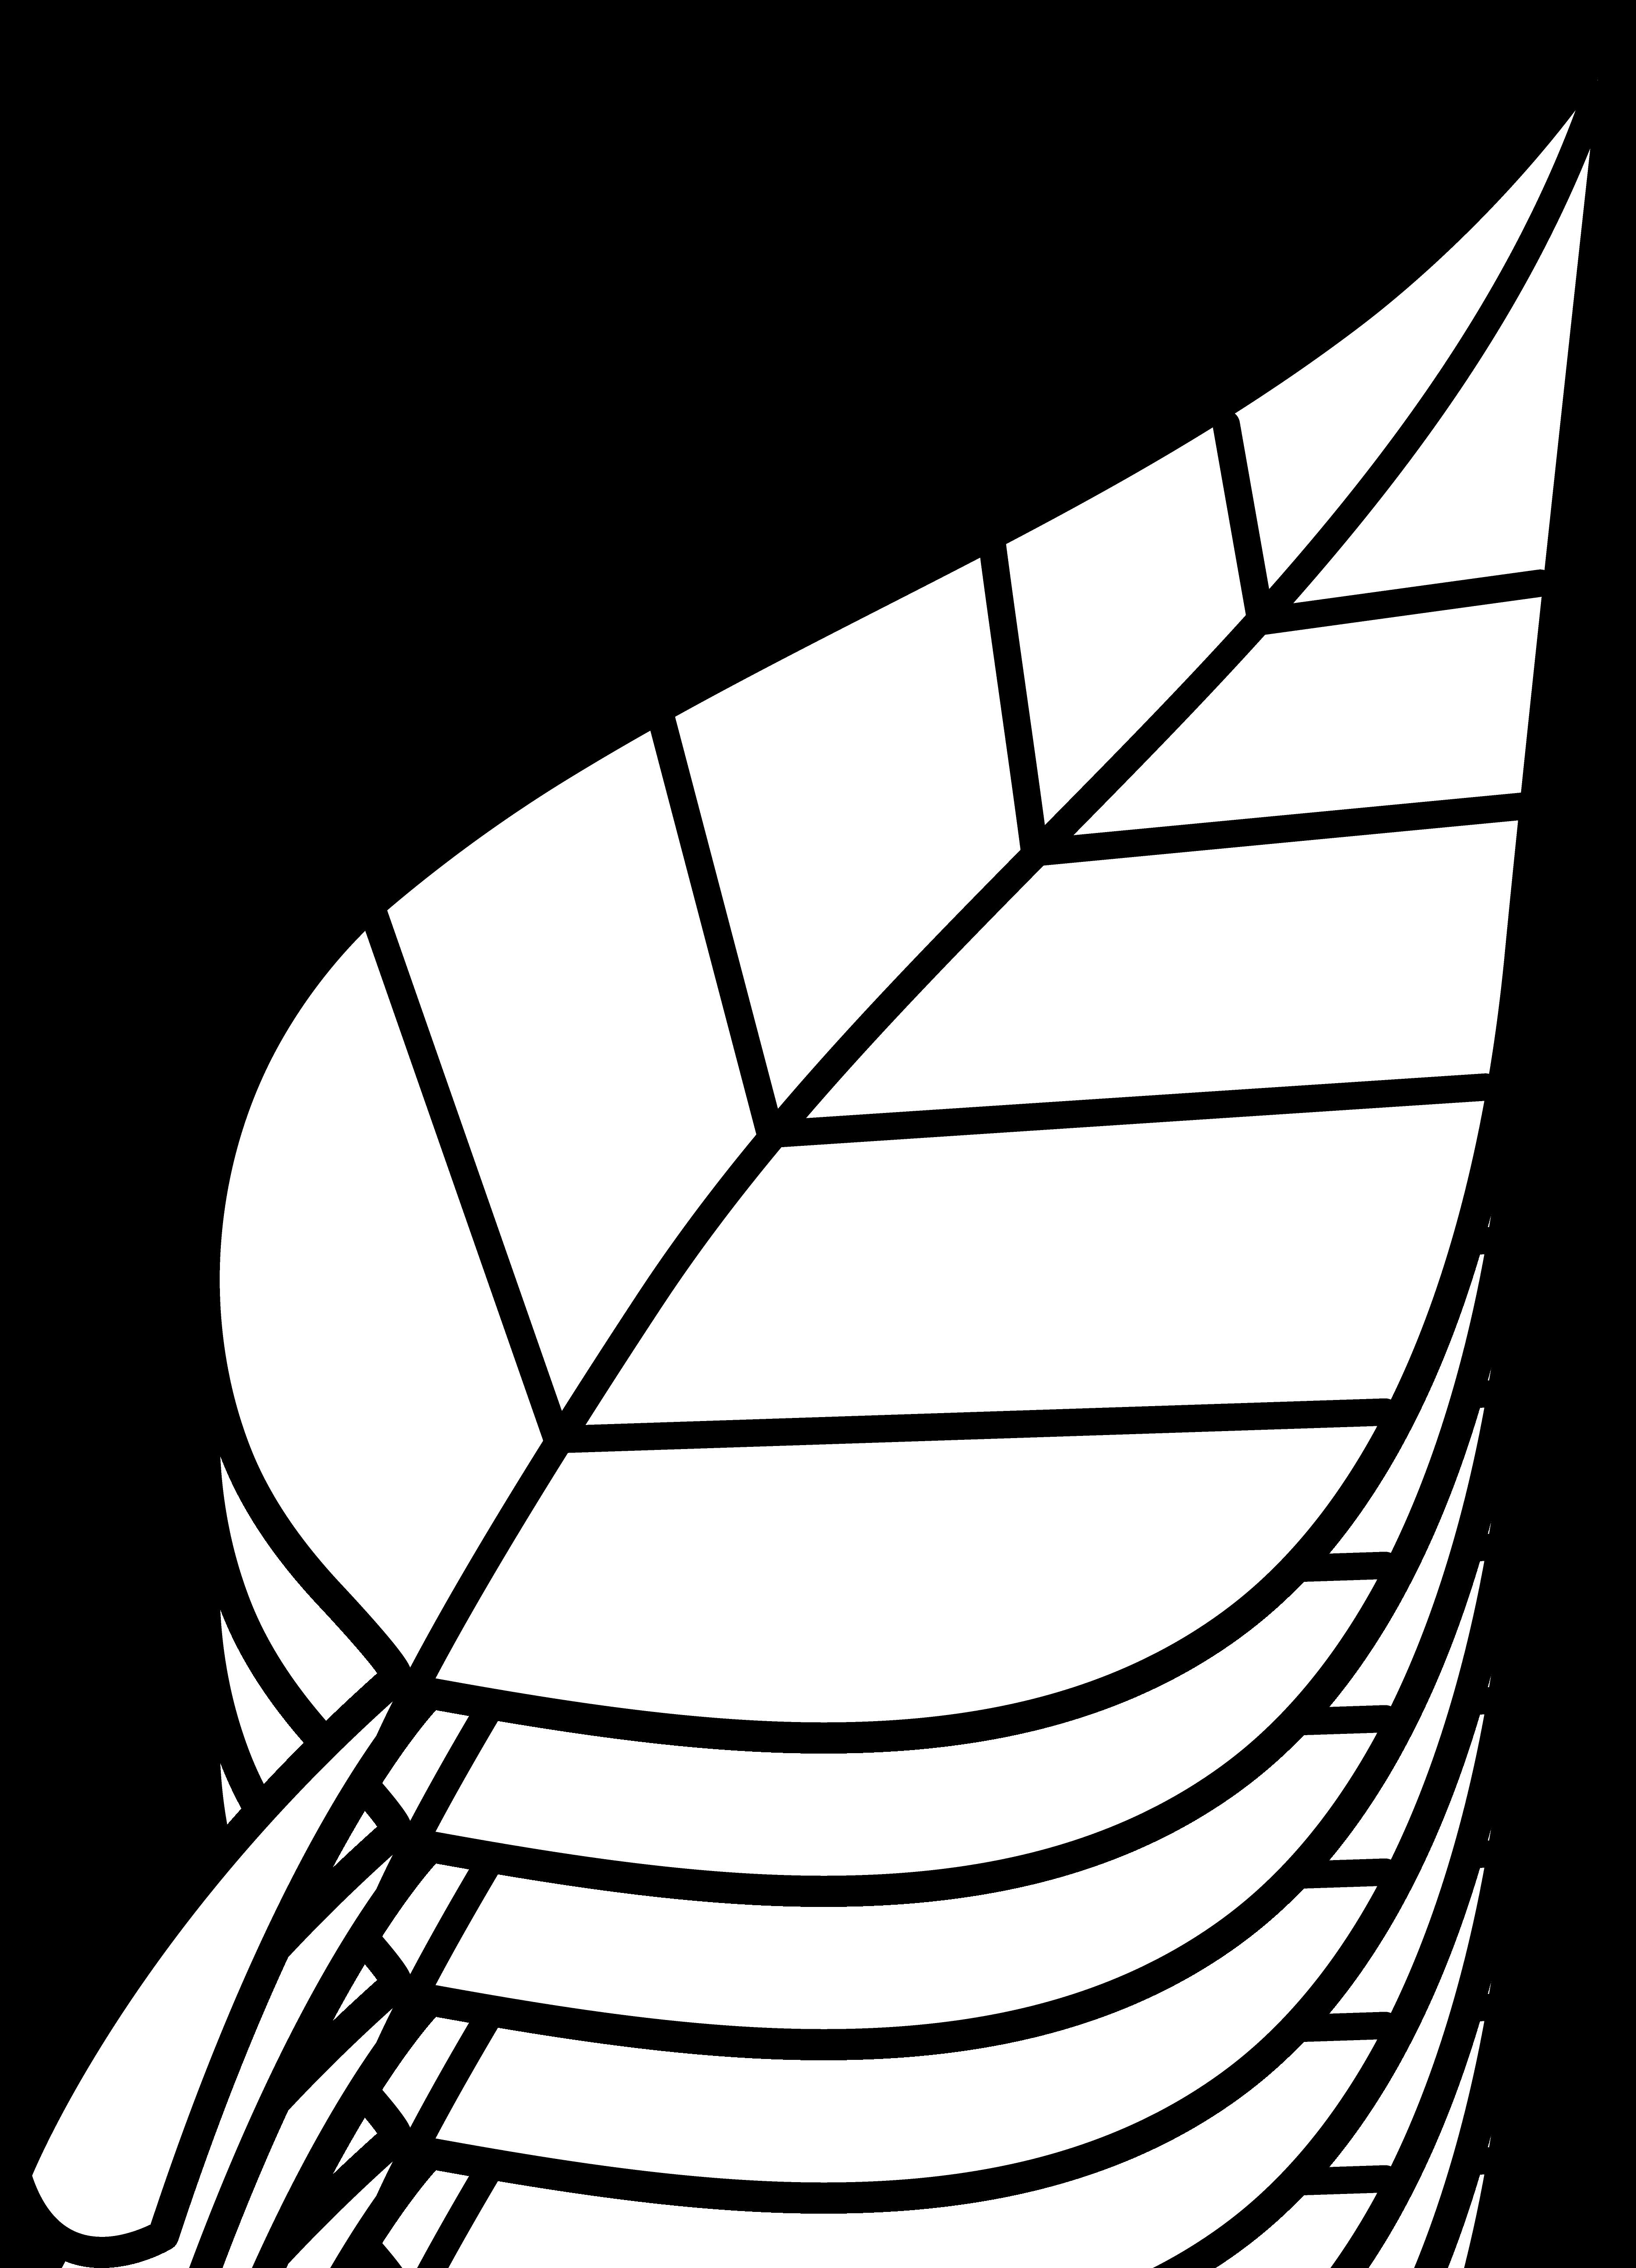 Leaf Images Clip Art